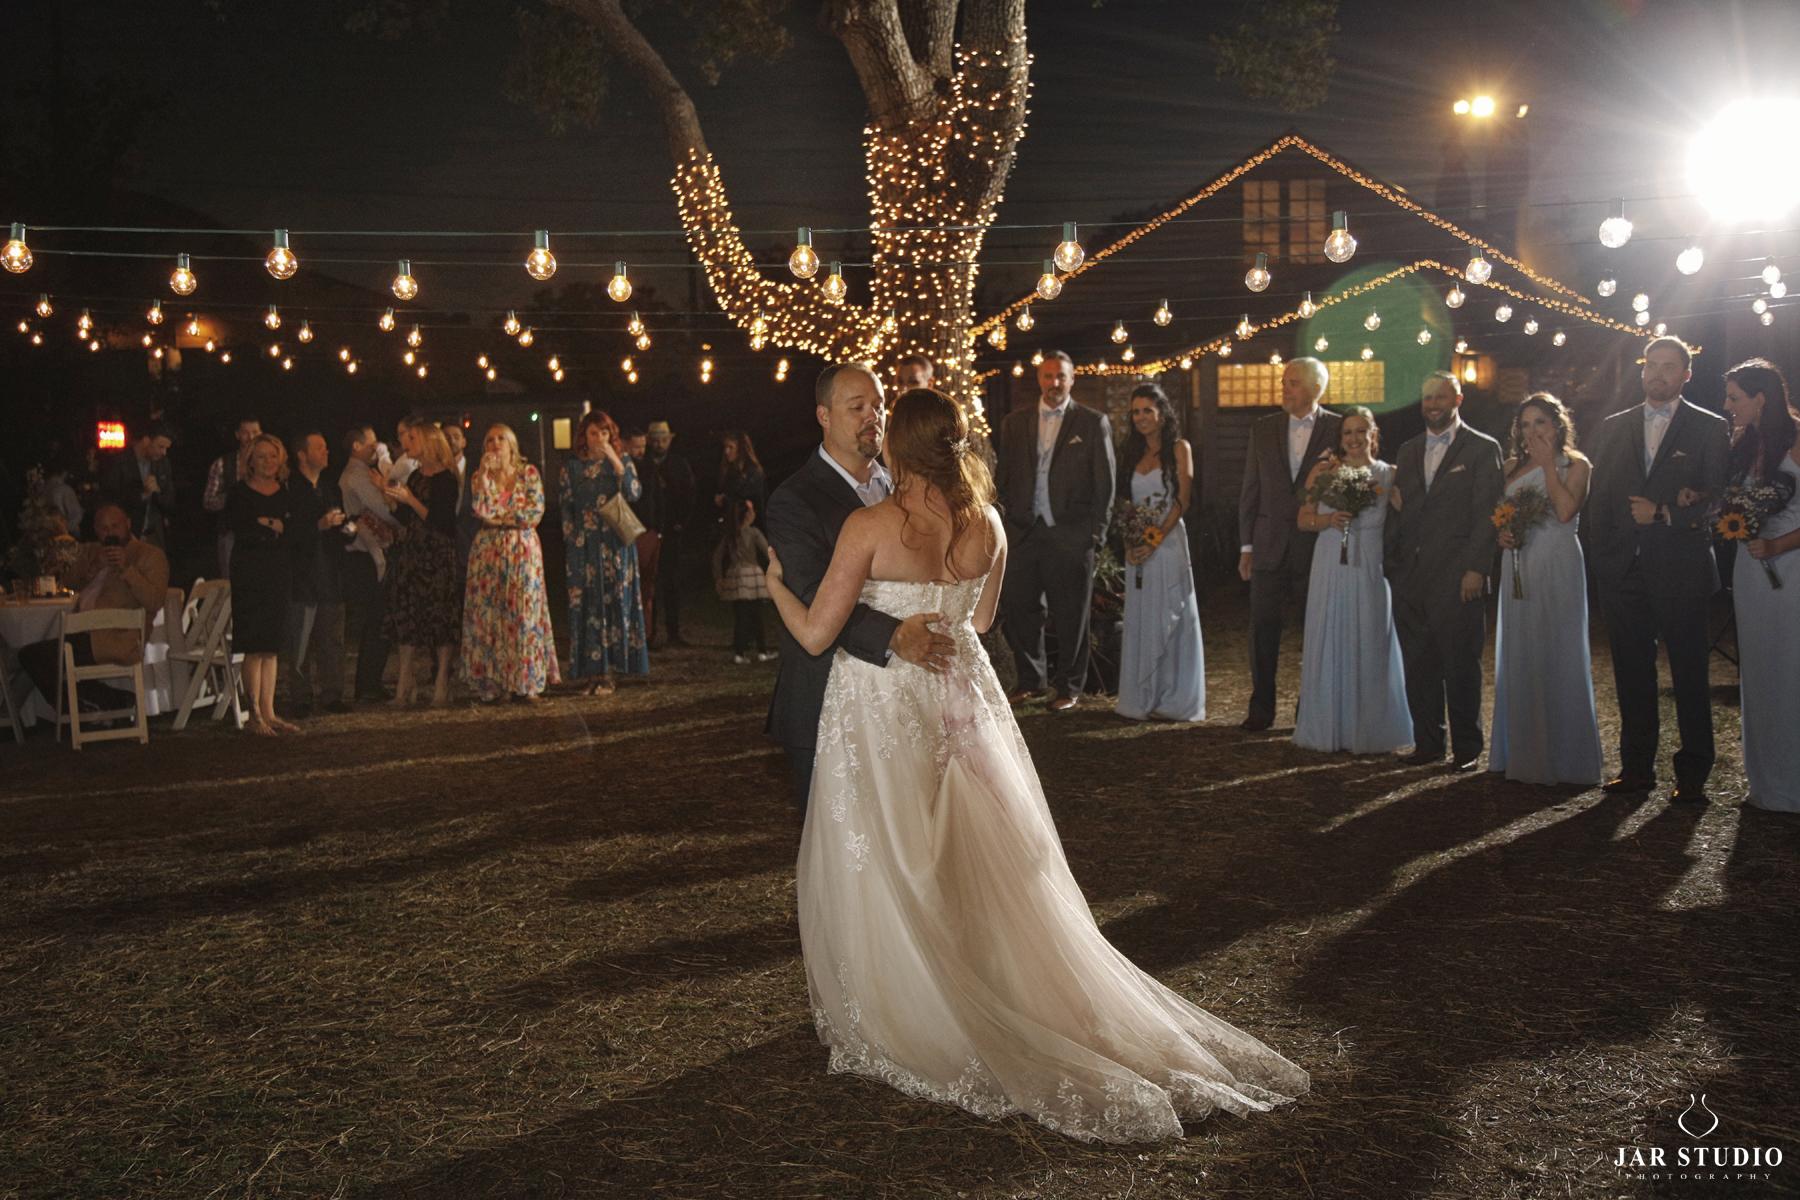 34-first-dance-under-the-starts-orlando-wedding-photography-jarstudio.JPG